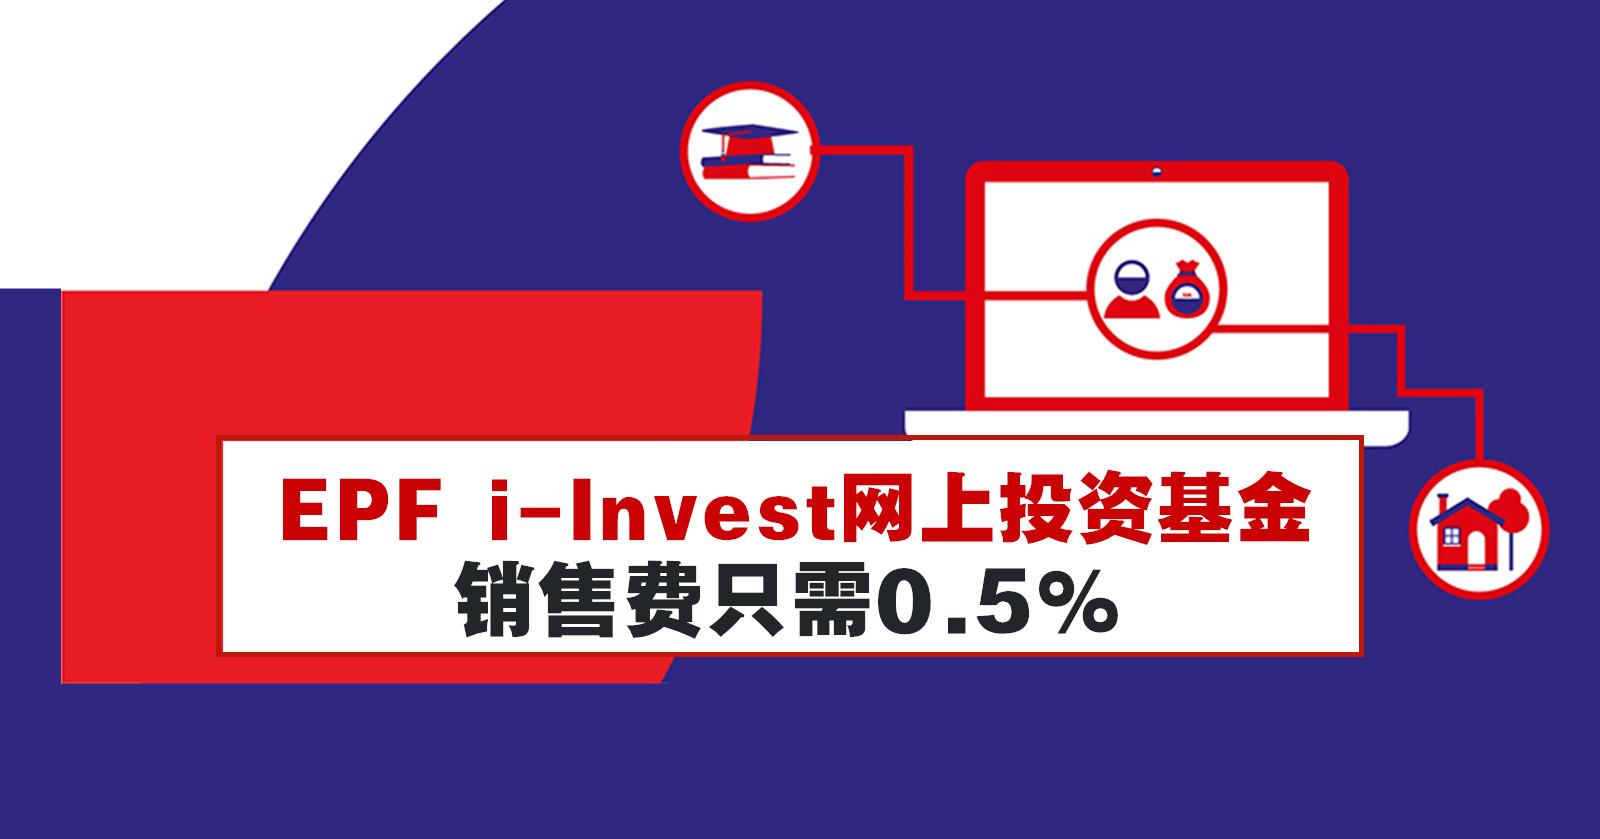 EPF i-Invest可网上投资信托基金,销售费只需0.5%